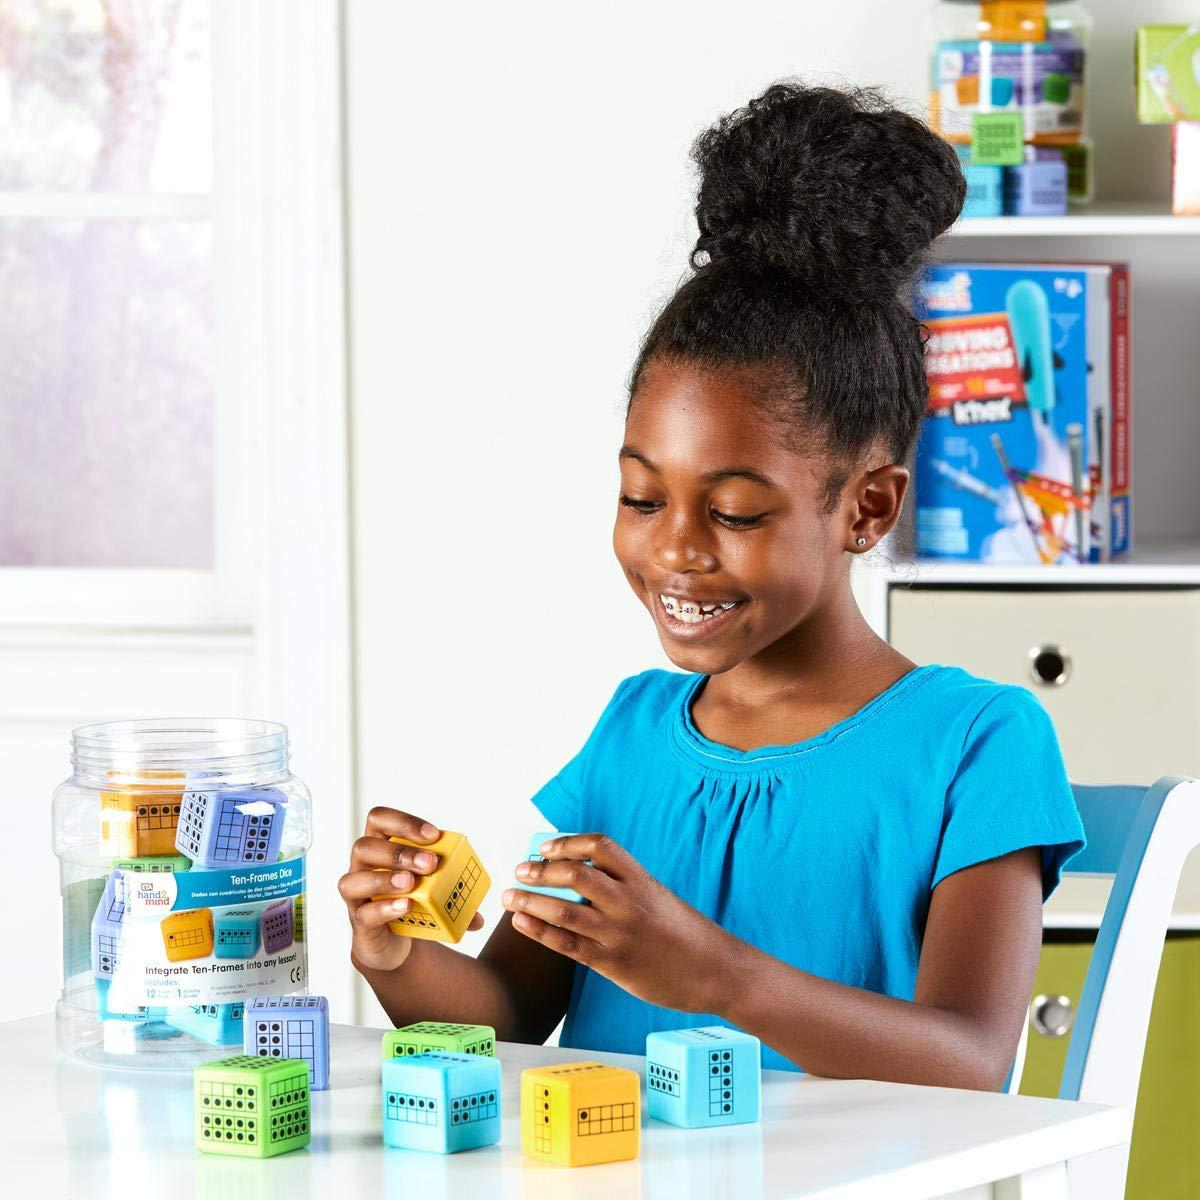 hand2mind Ten Frame Math Activity Dice Set, Foam Ten Frame Math Dice, Counting Toys for Counting, Sorting, Subitizing, Ten Frame Math Manipulatives, Math Games, Classroom Supplies (Set of 12)